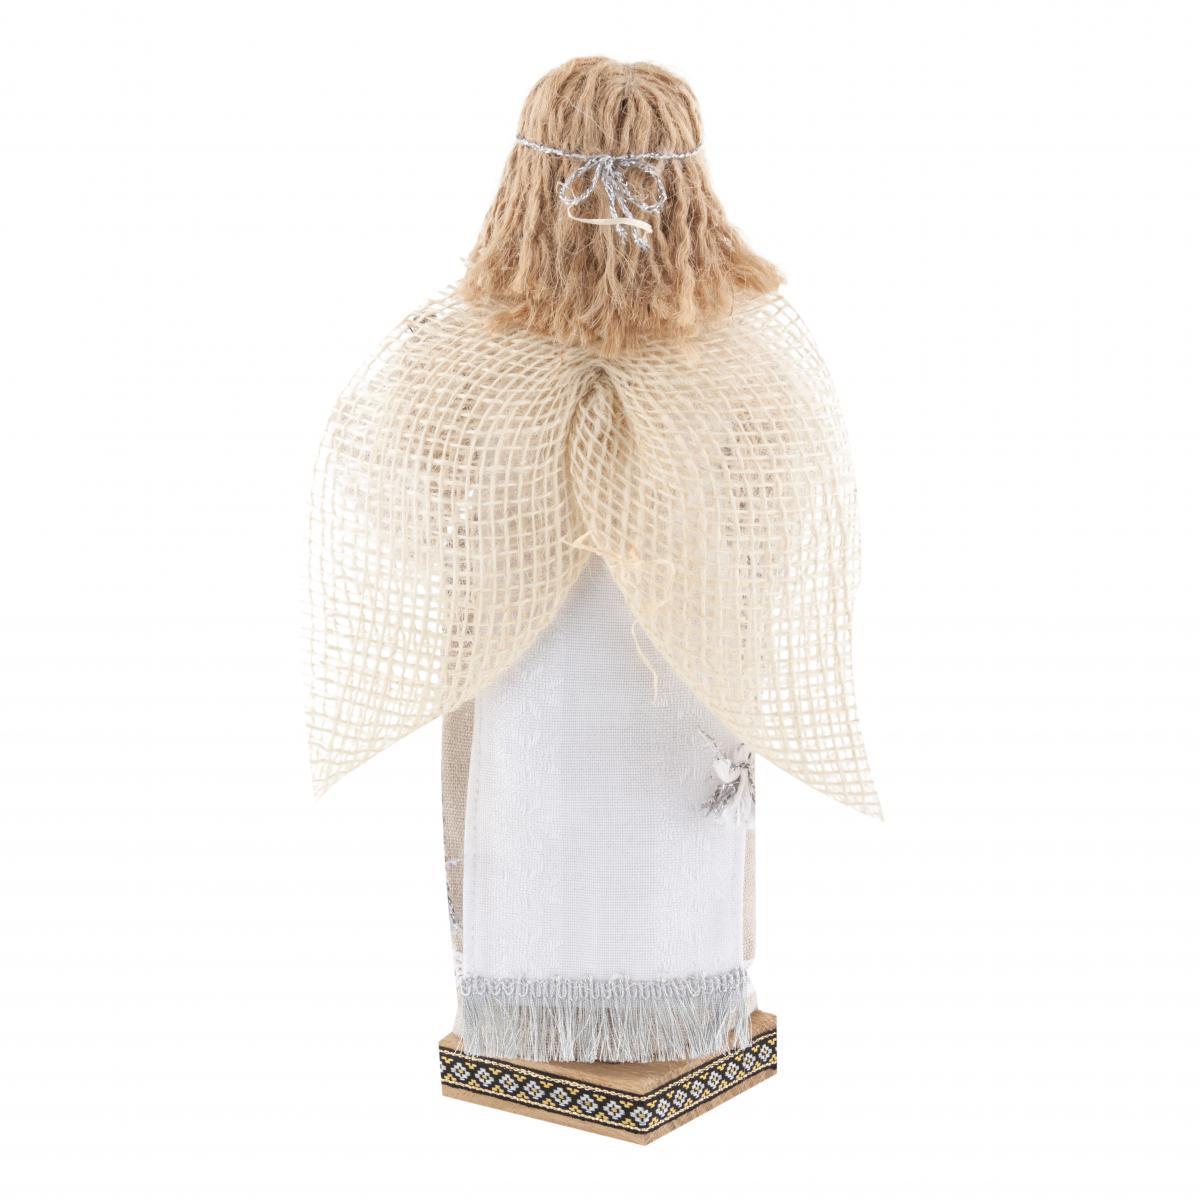 Мотанка Ангел белый. Фото №3. | Народный дом Украина